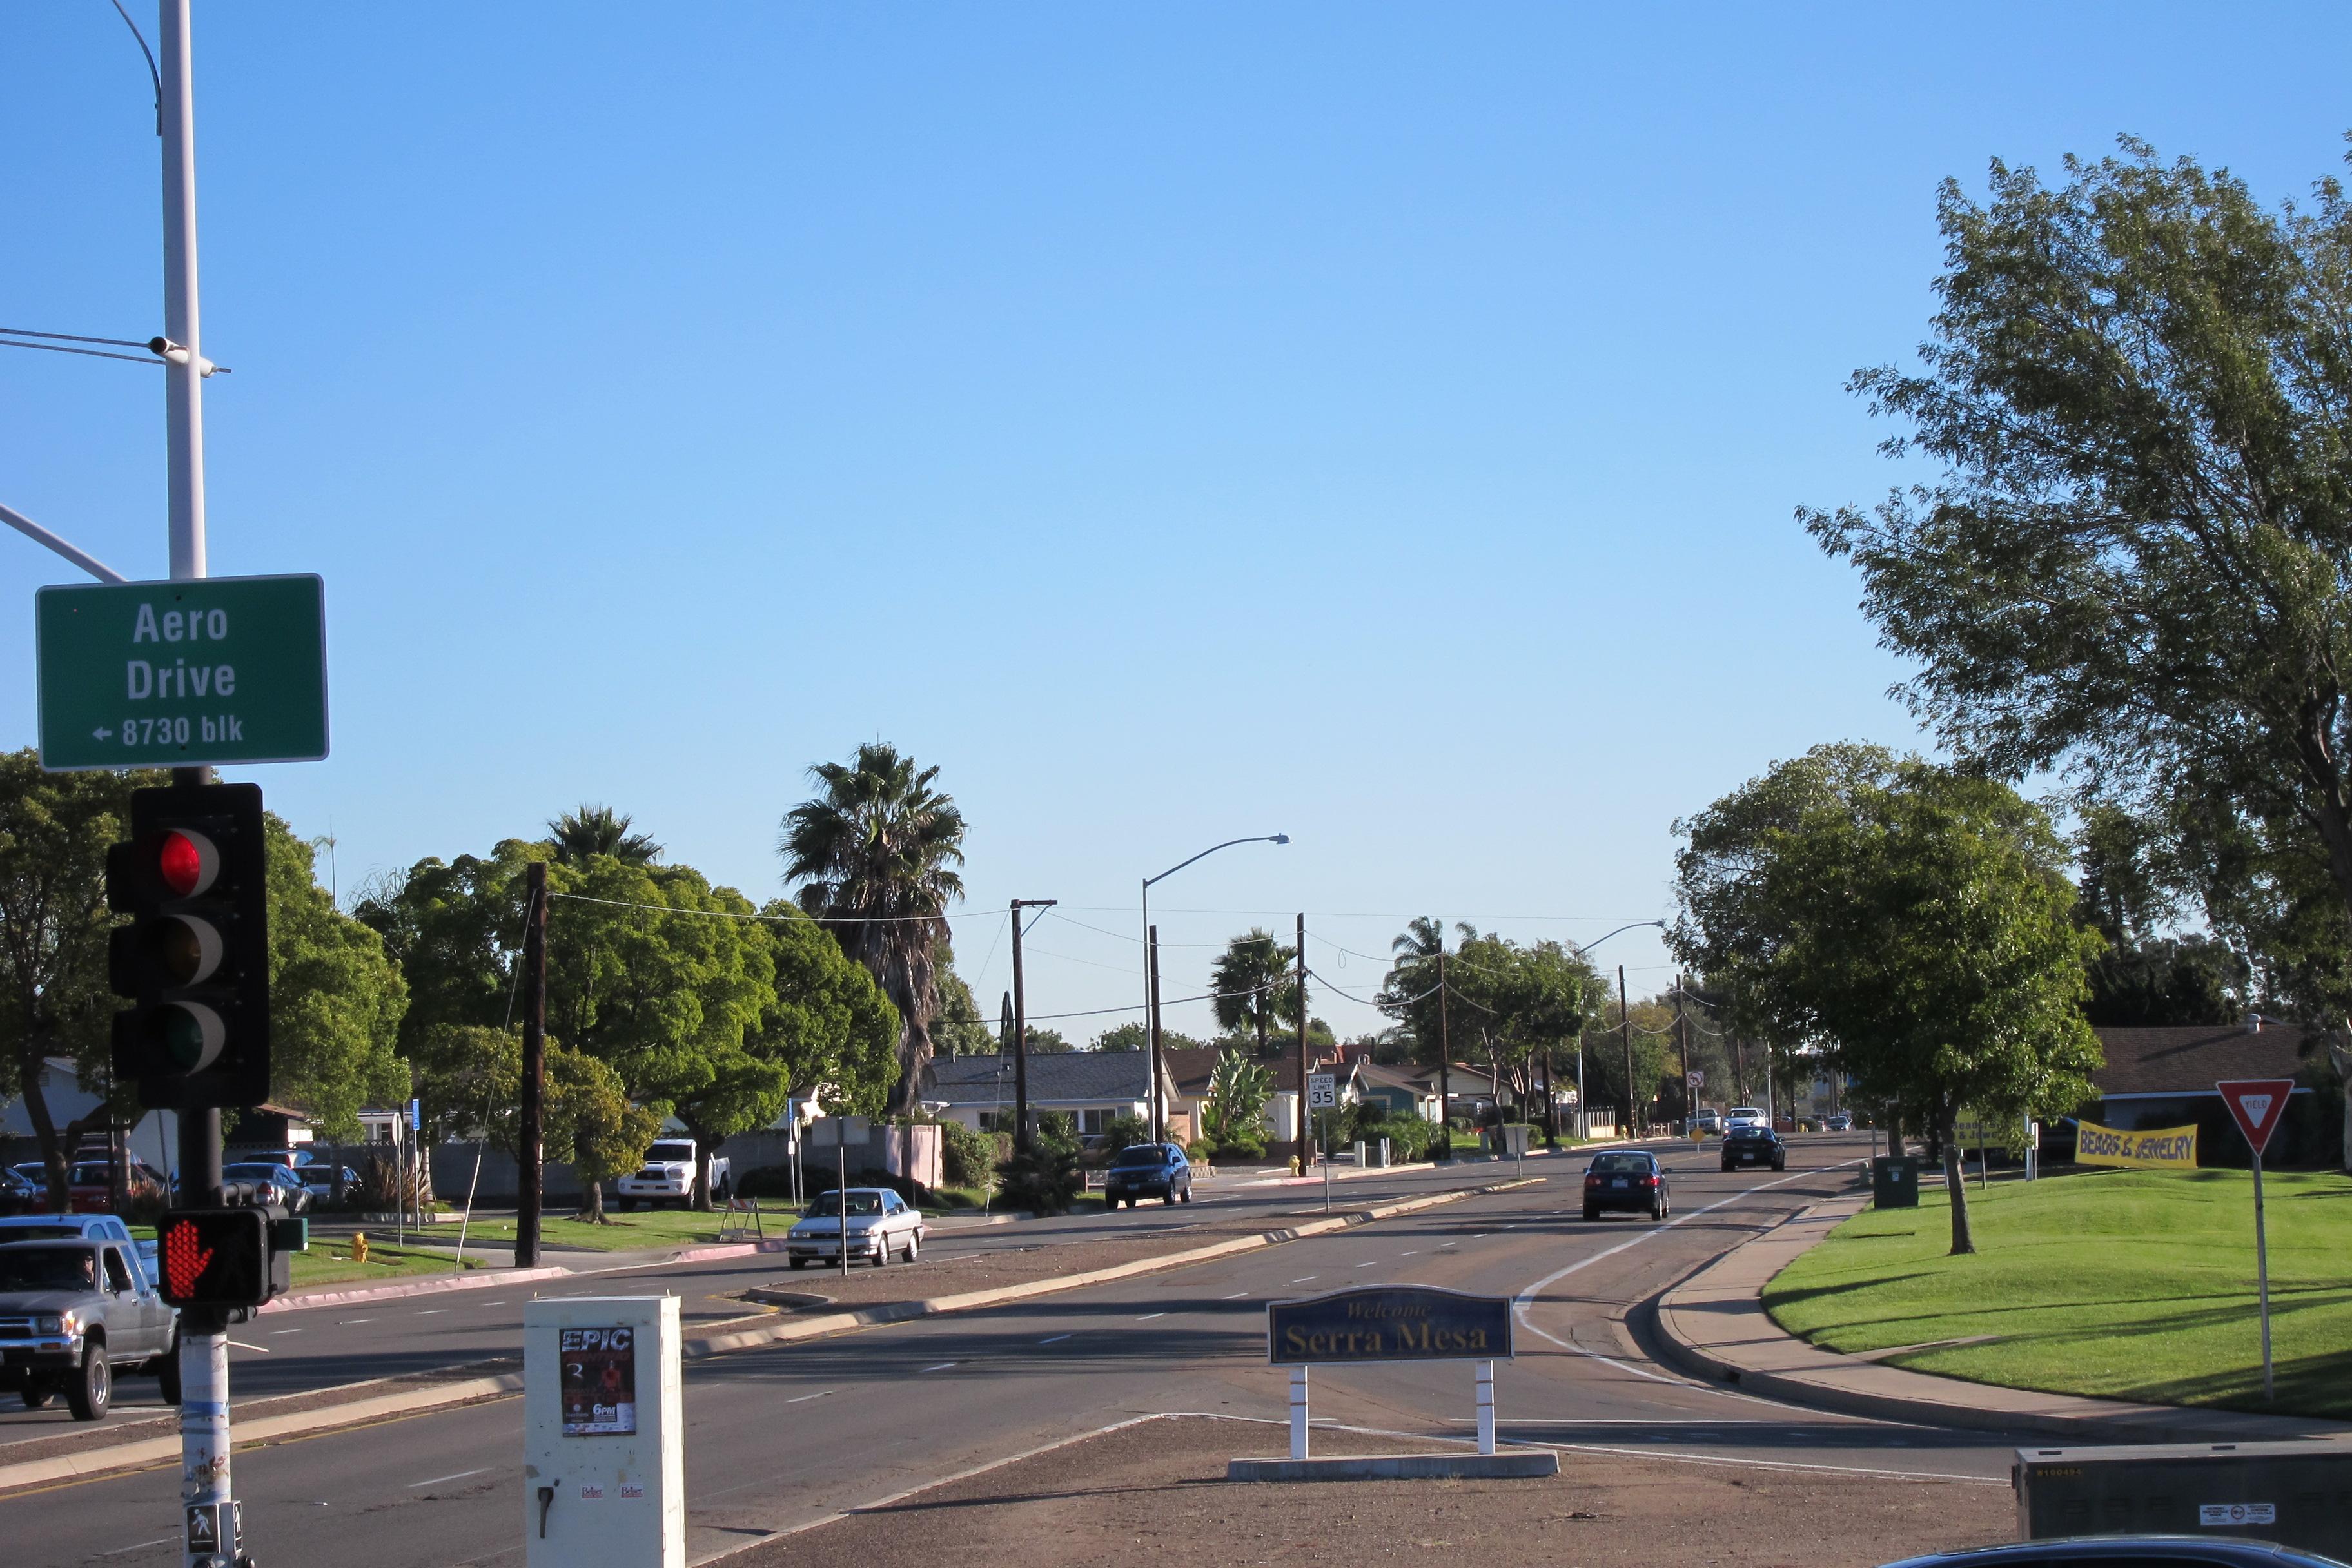 Serra Mesa, San Diego - Wikipedia